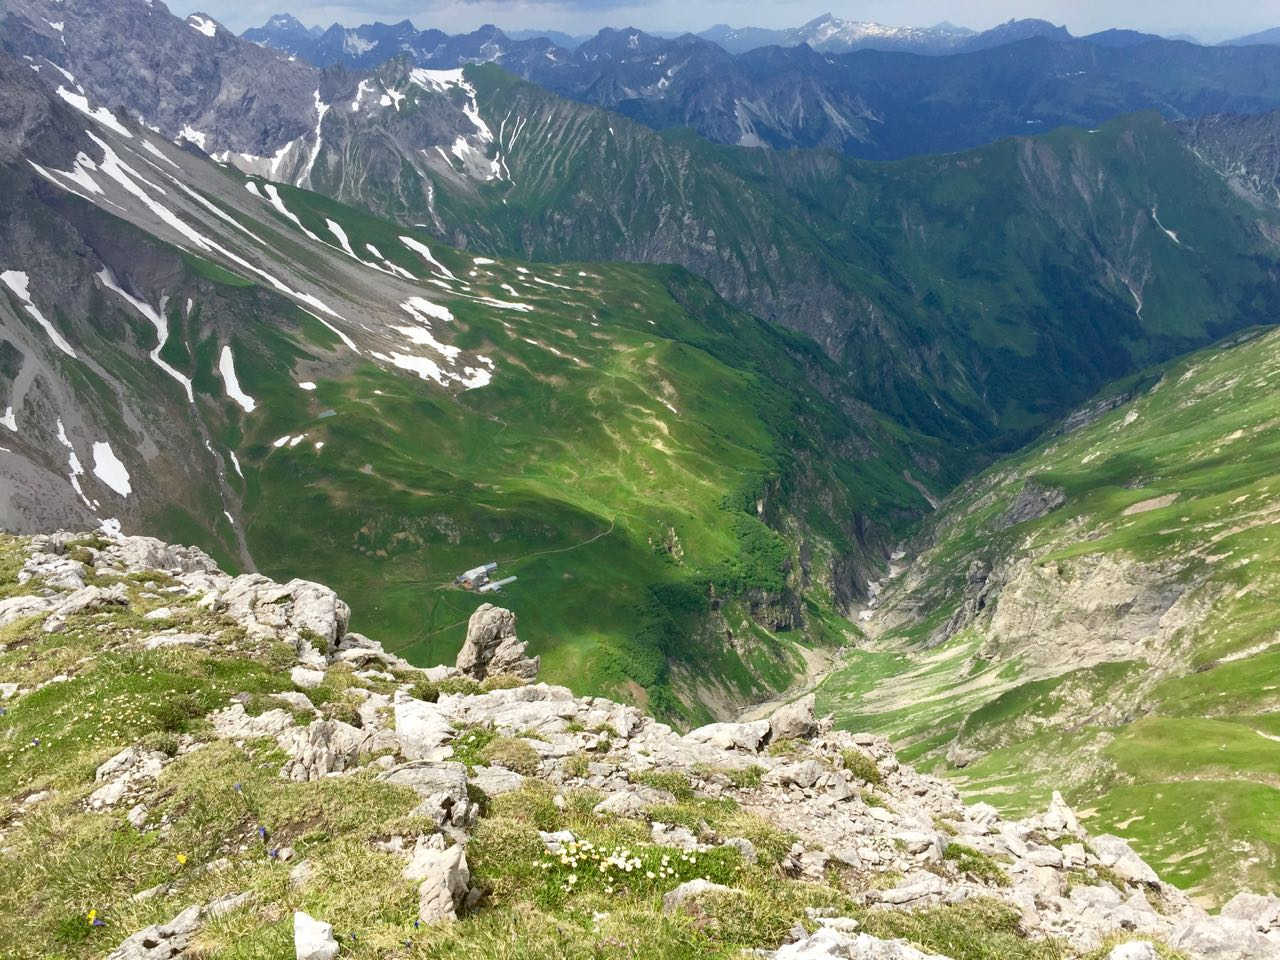 Alpenüberquerung zu Fuß